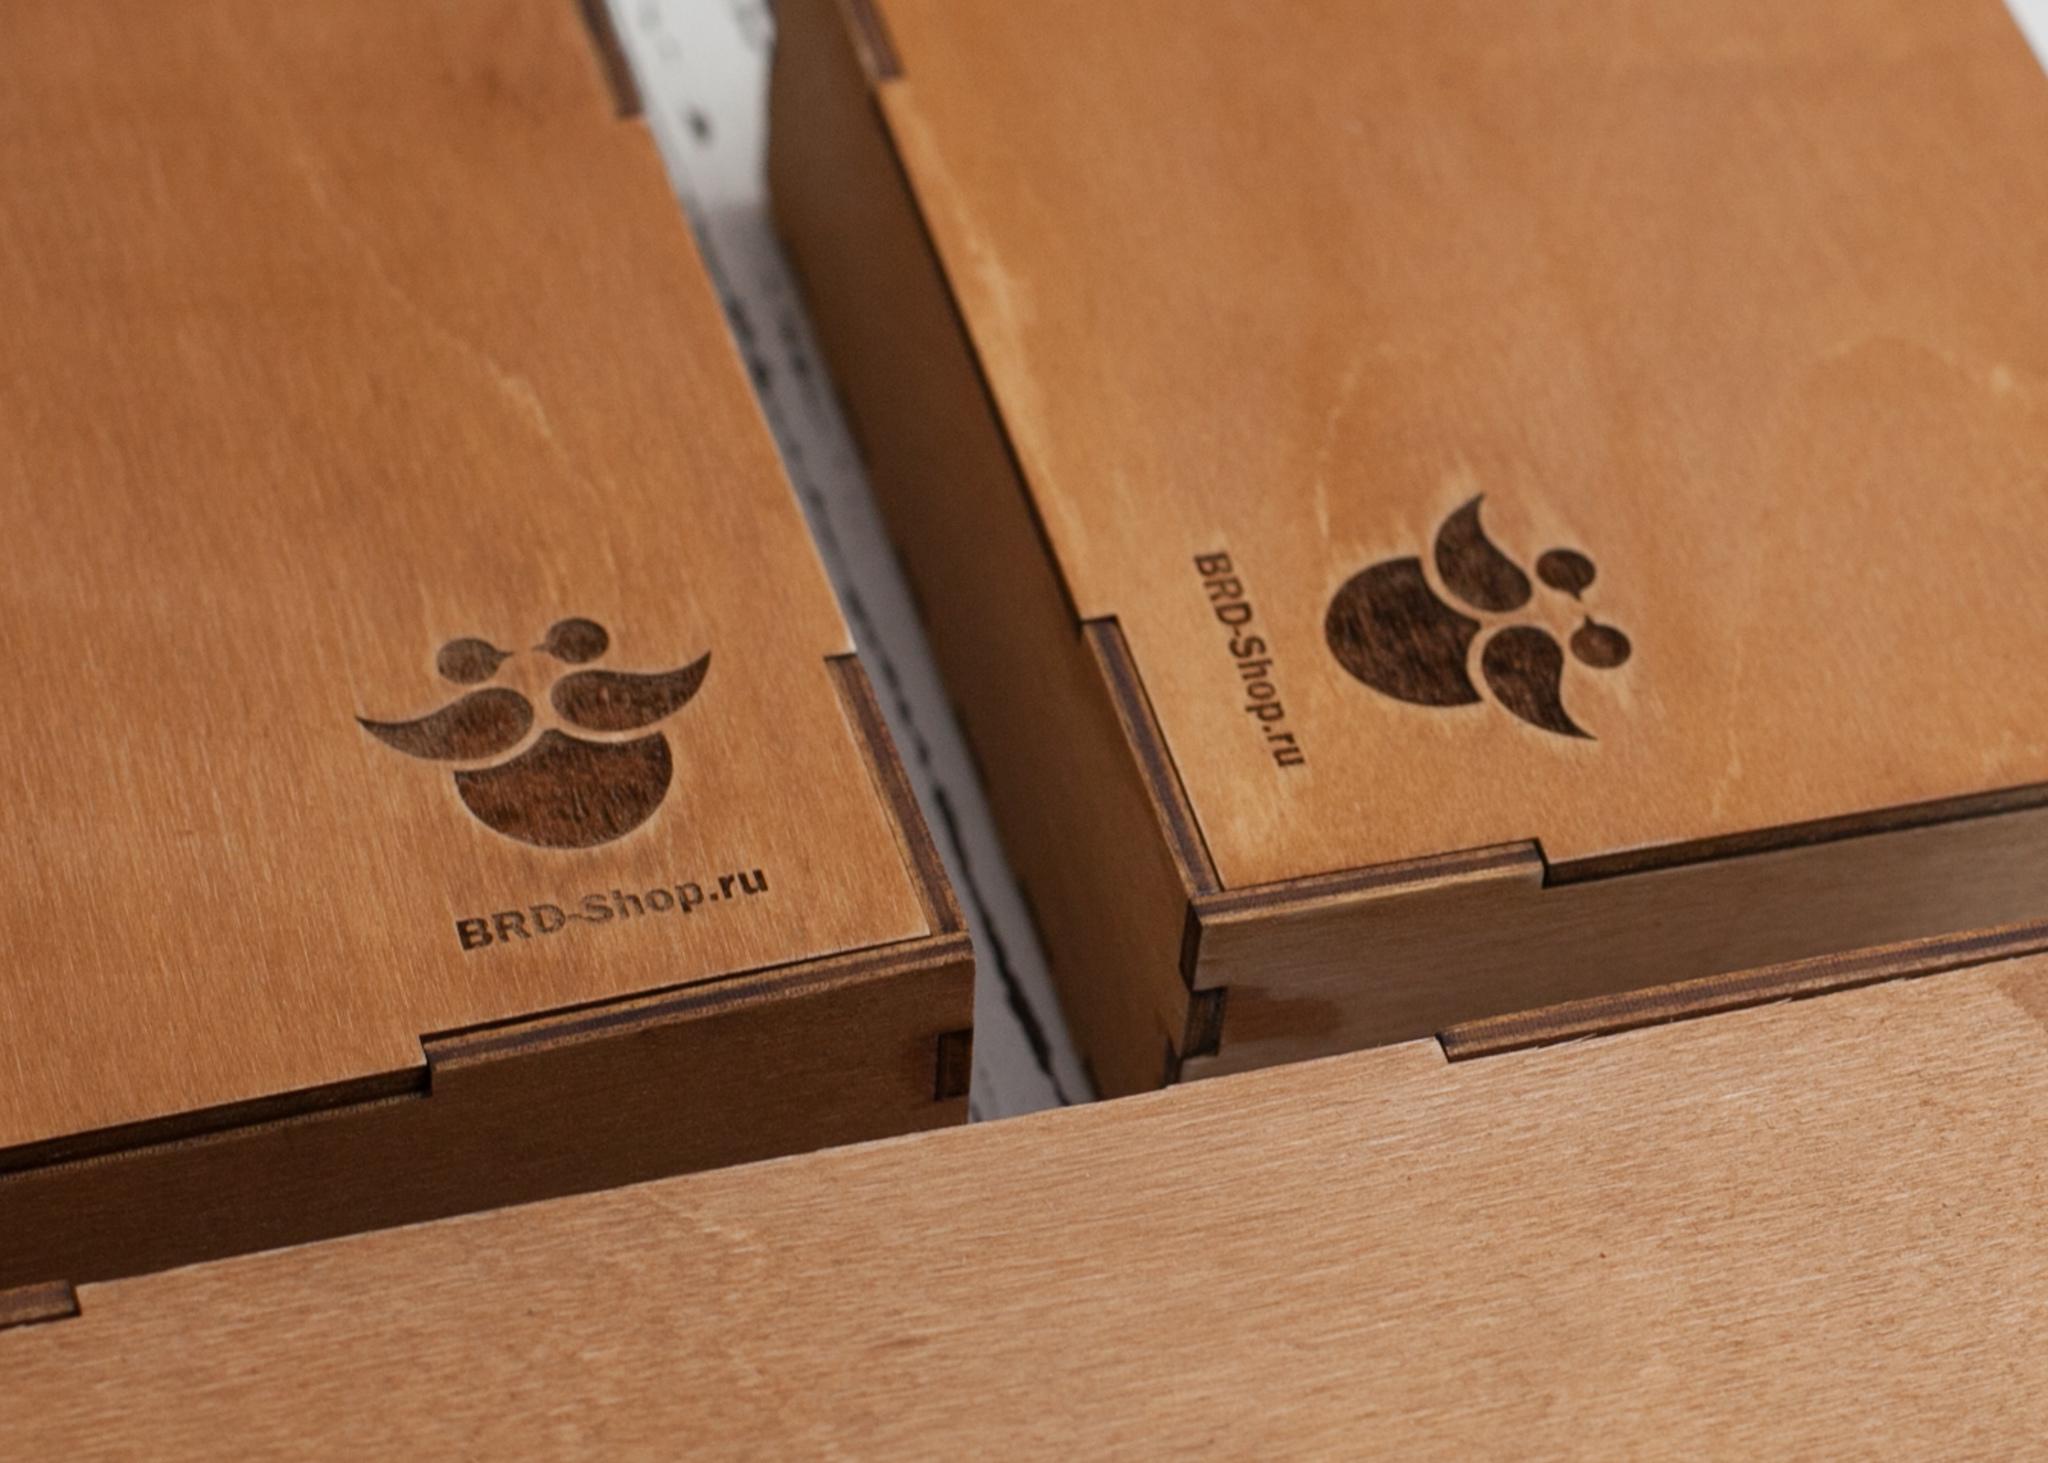 Подарочная коробка с логотипом